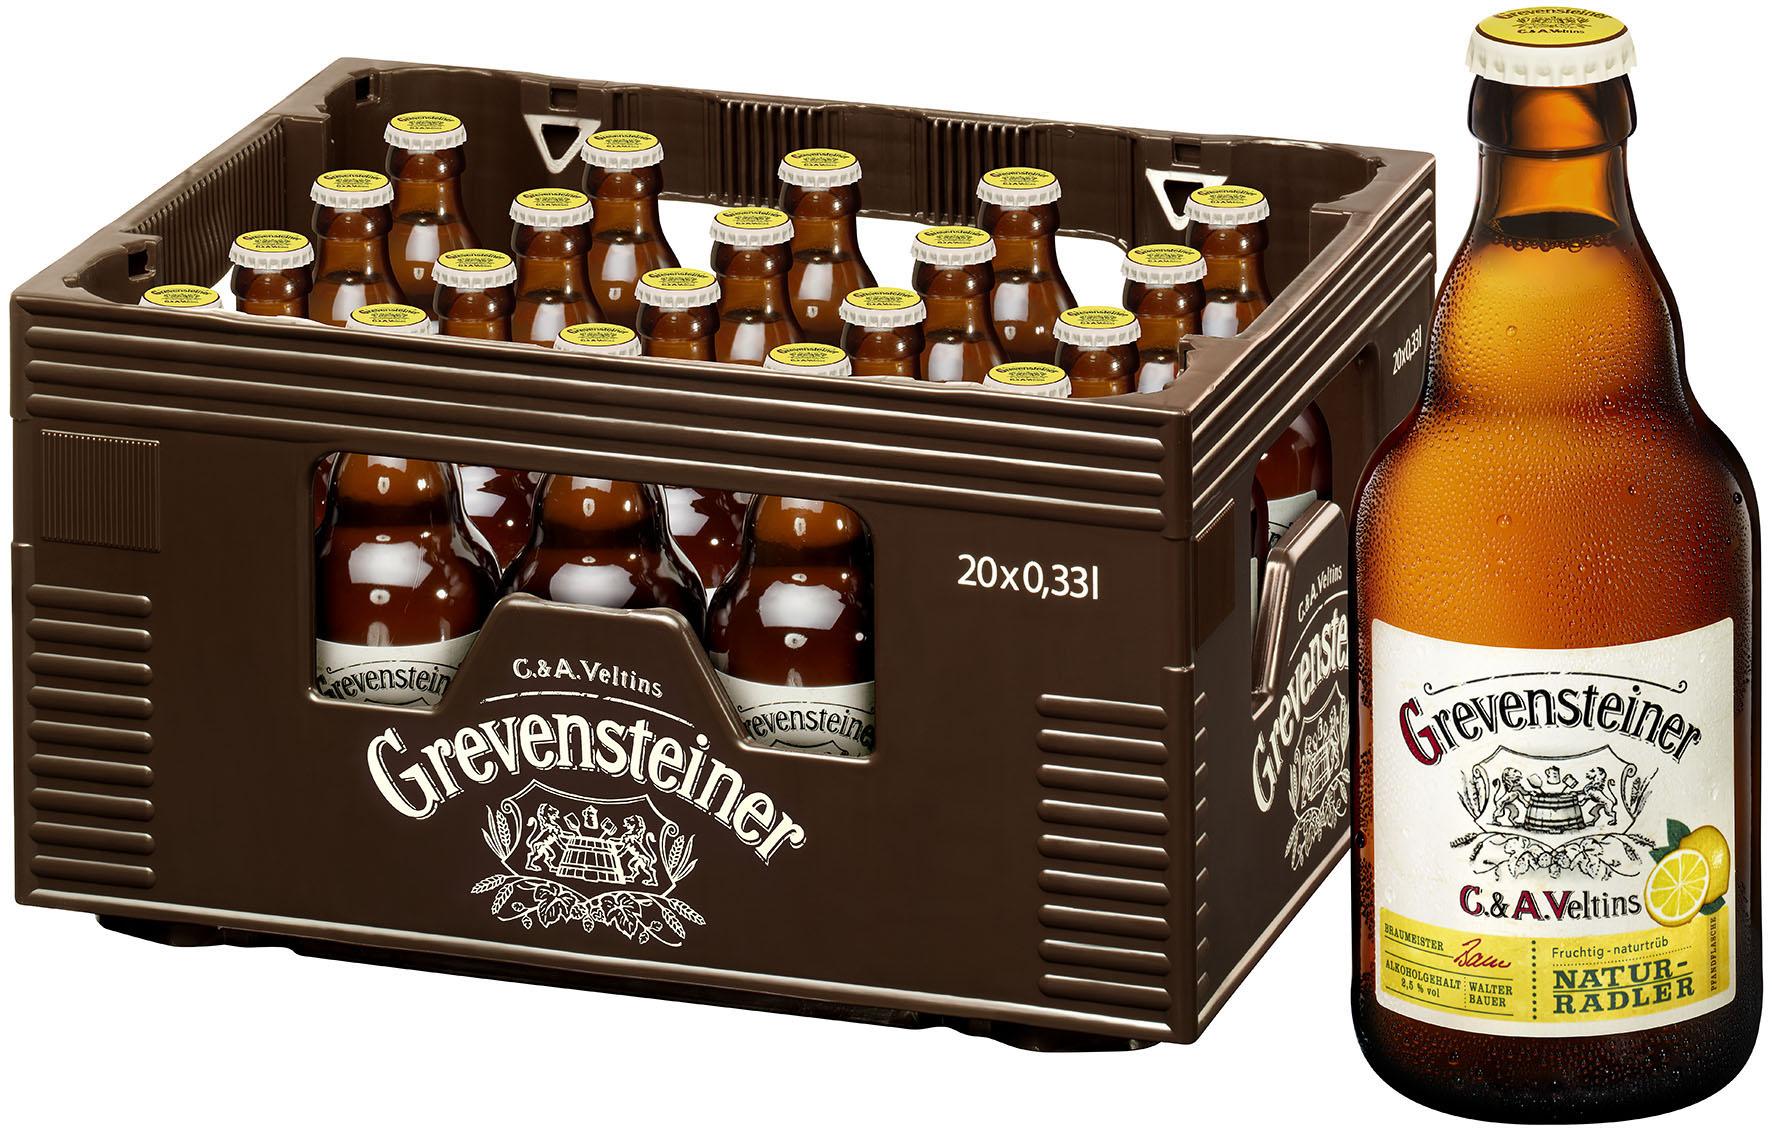 Grevensteiner Ur-Radler